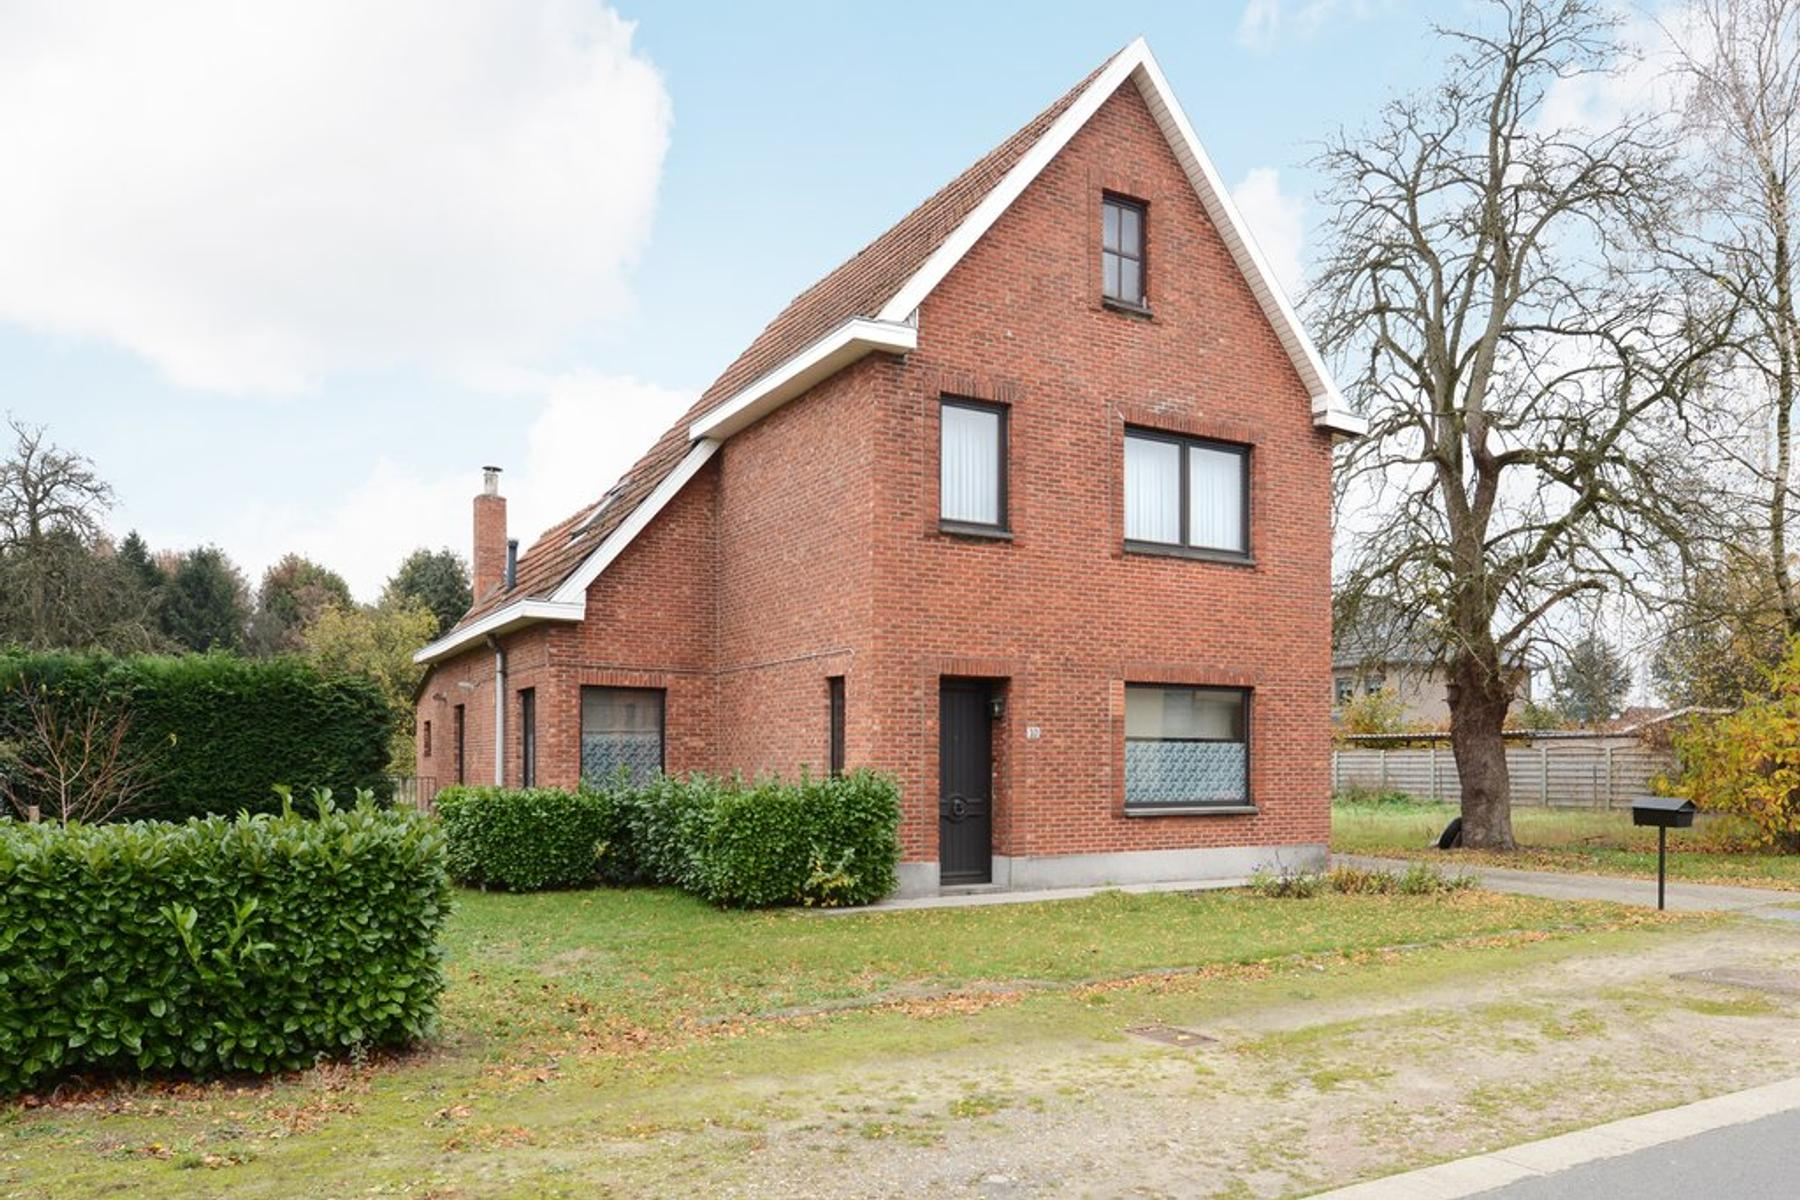 Sint Lambertusstraat 10, Hechtel-Eksel (Be) in Valkenswaard 5556 VB